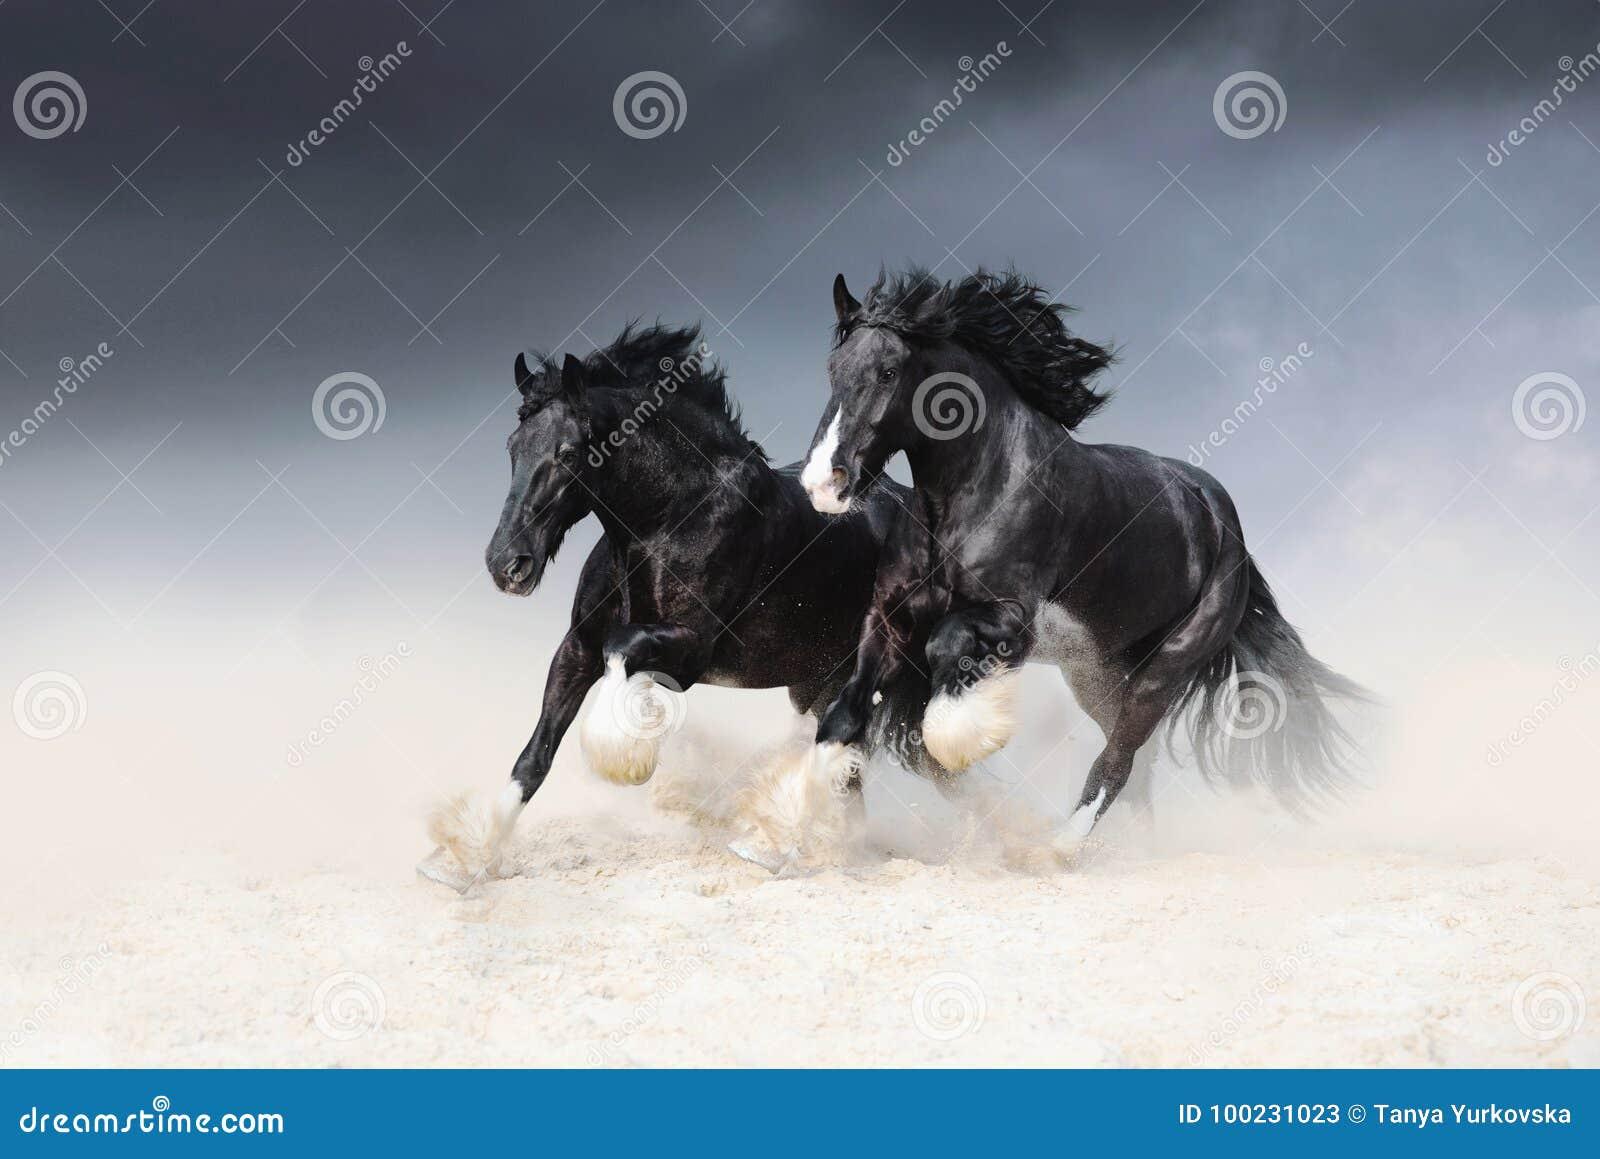 Deux chevaux noirs de la roche de Shail emballent le long du sable contre le ciel